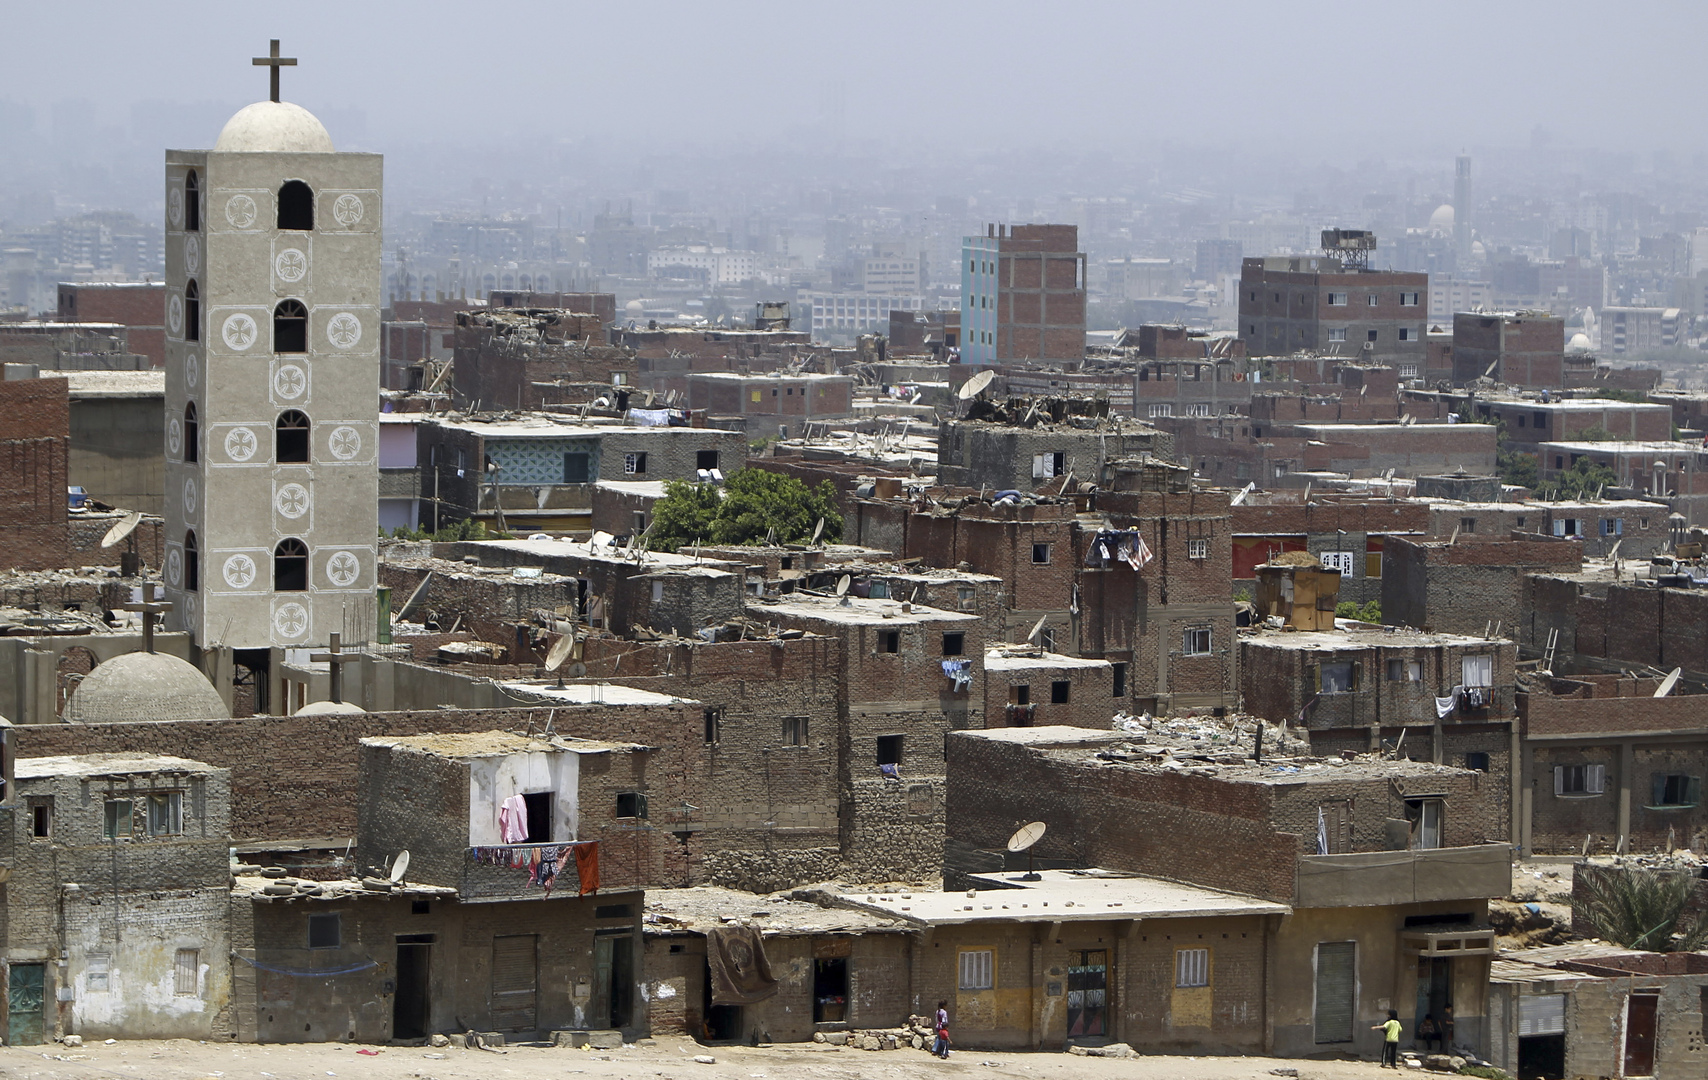 مصر.. جدل حول سجن النبي يوسف في إحدى القرى (صورة)